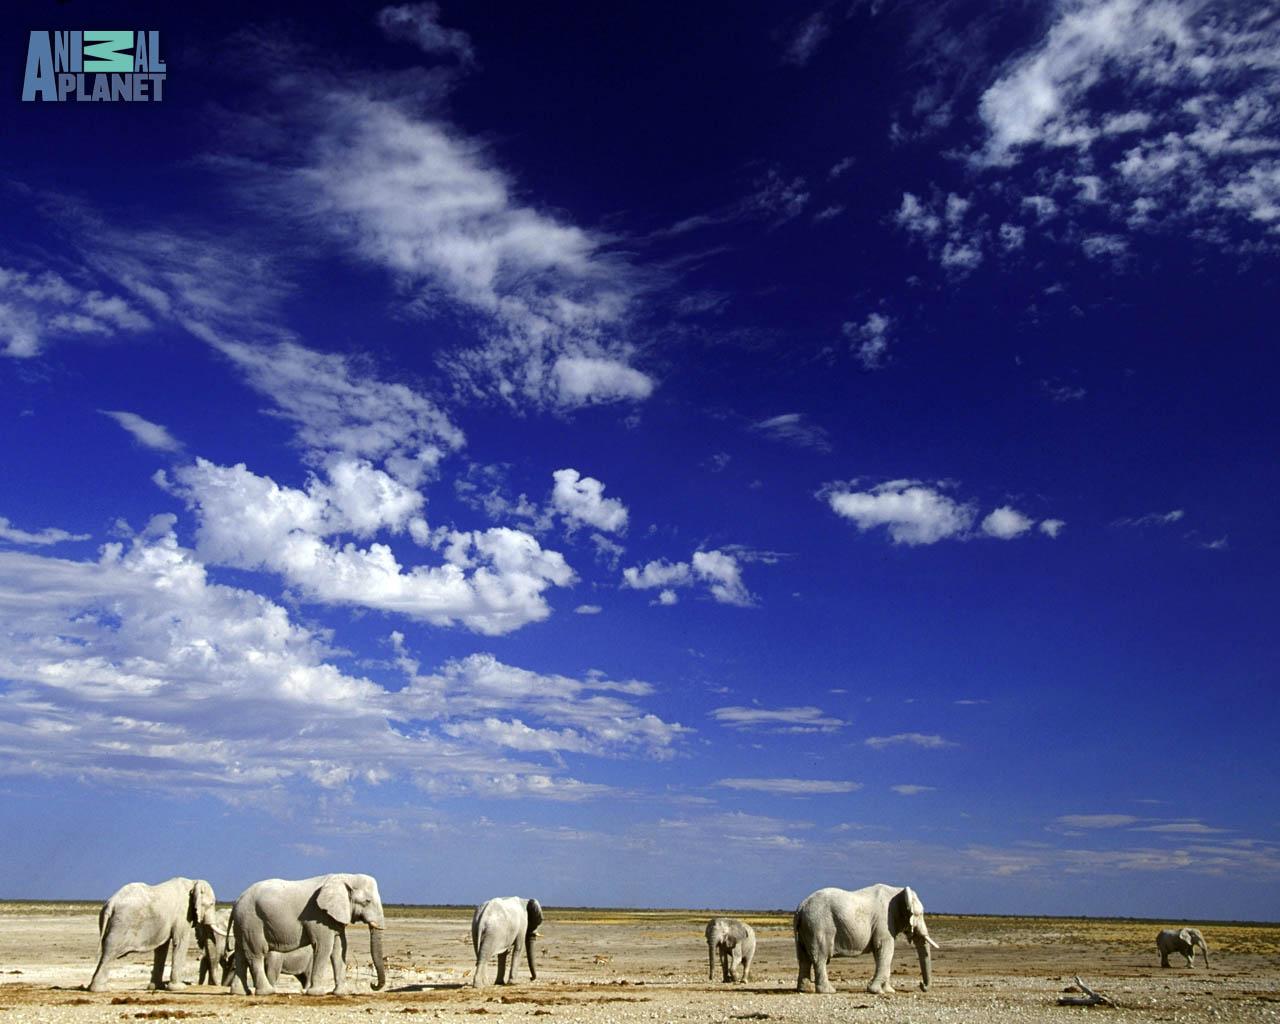 http://4.bp.blogspot.com/-5o4RxtB8Js4/TiYh3kJx8BI/AAAAAAAATe0/YiaPK3M5LgA/s1600/wallpaper-of-elephants-desert.jpg